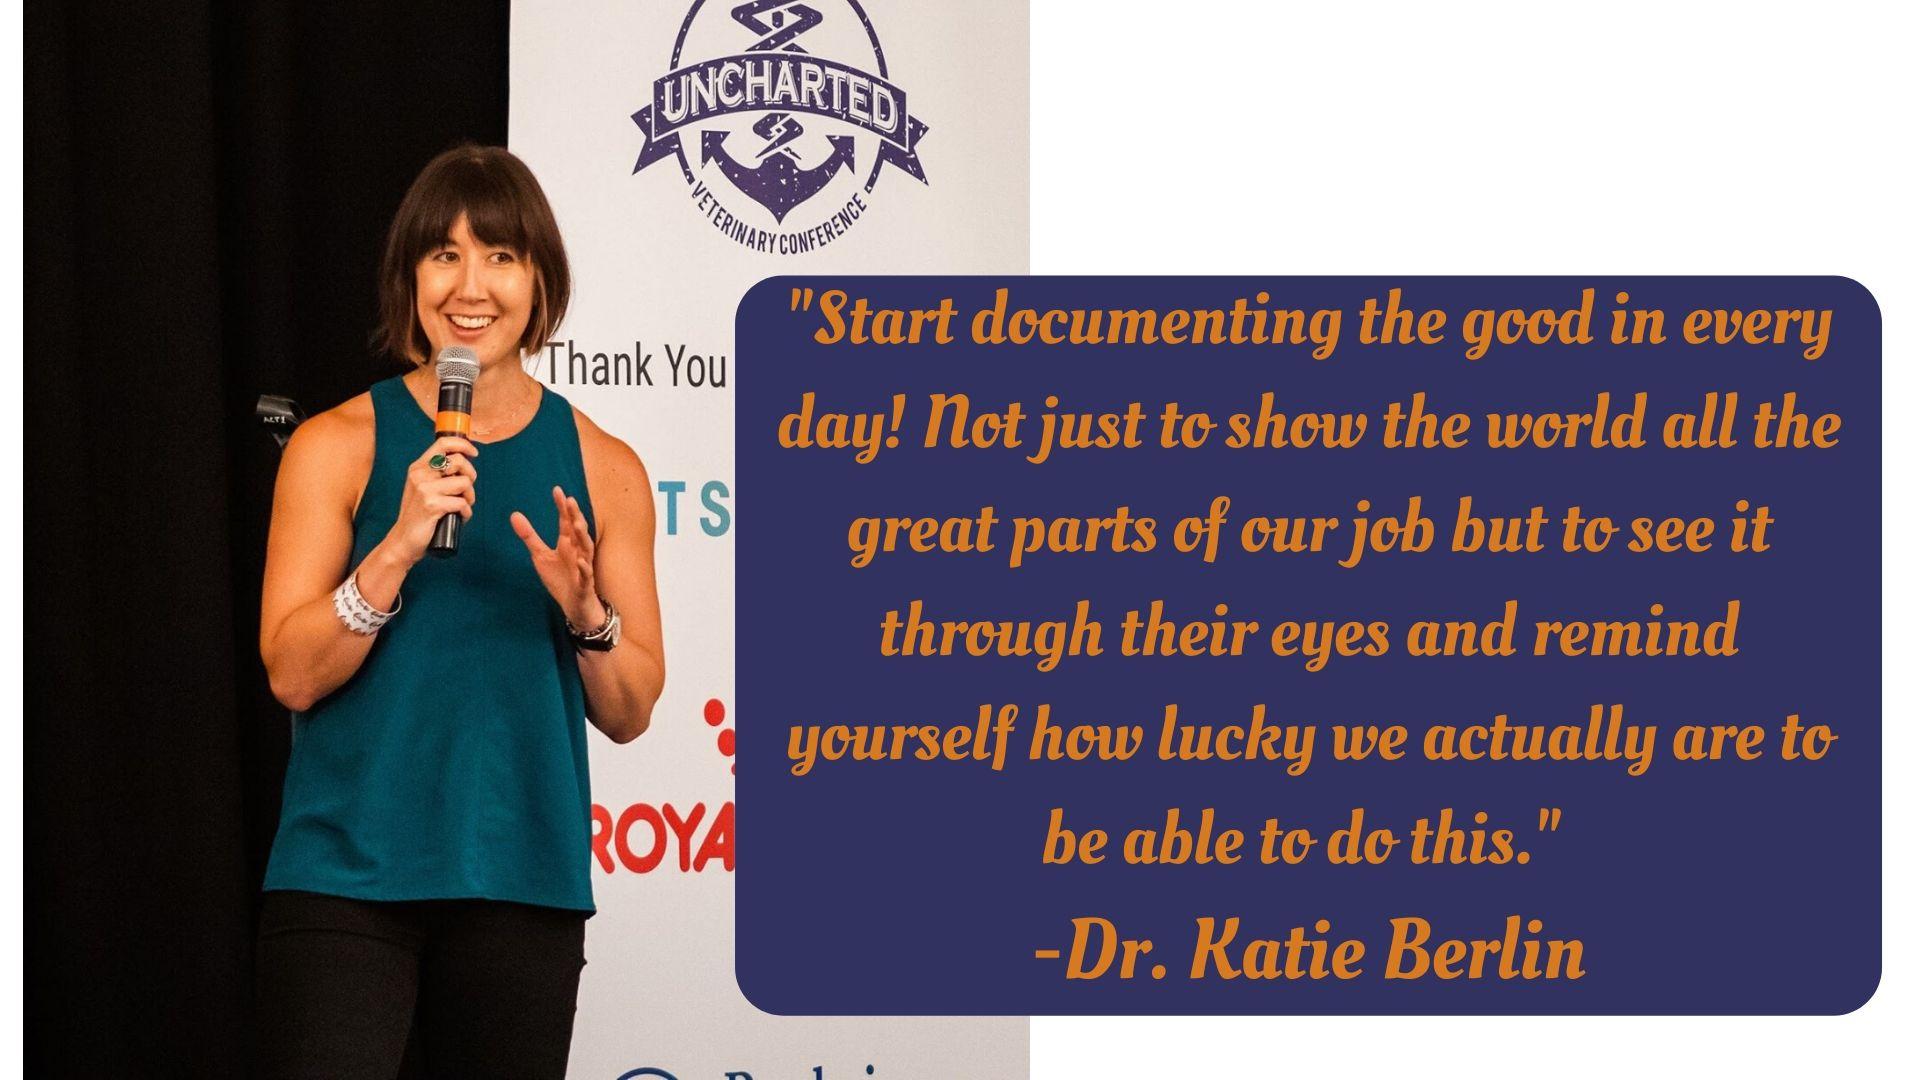 Katie Berlin, DVM